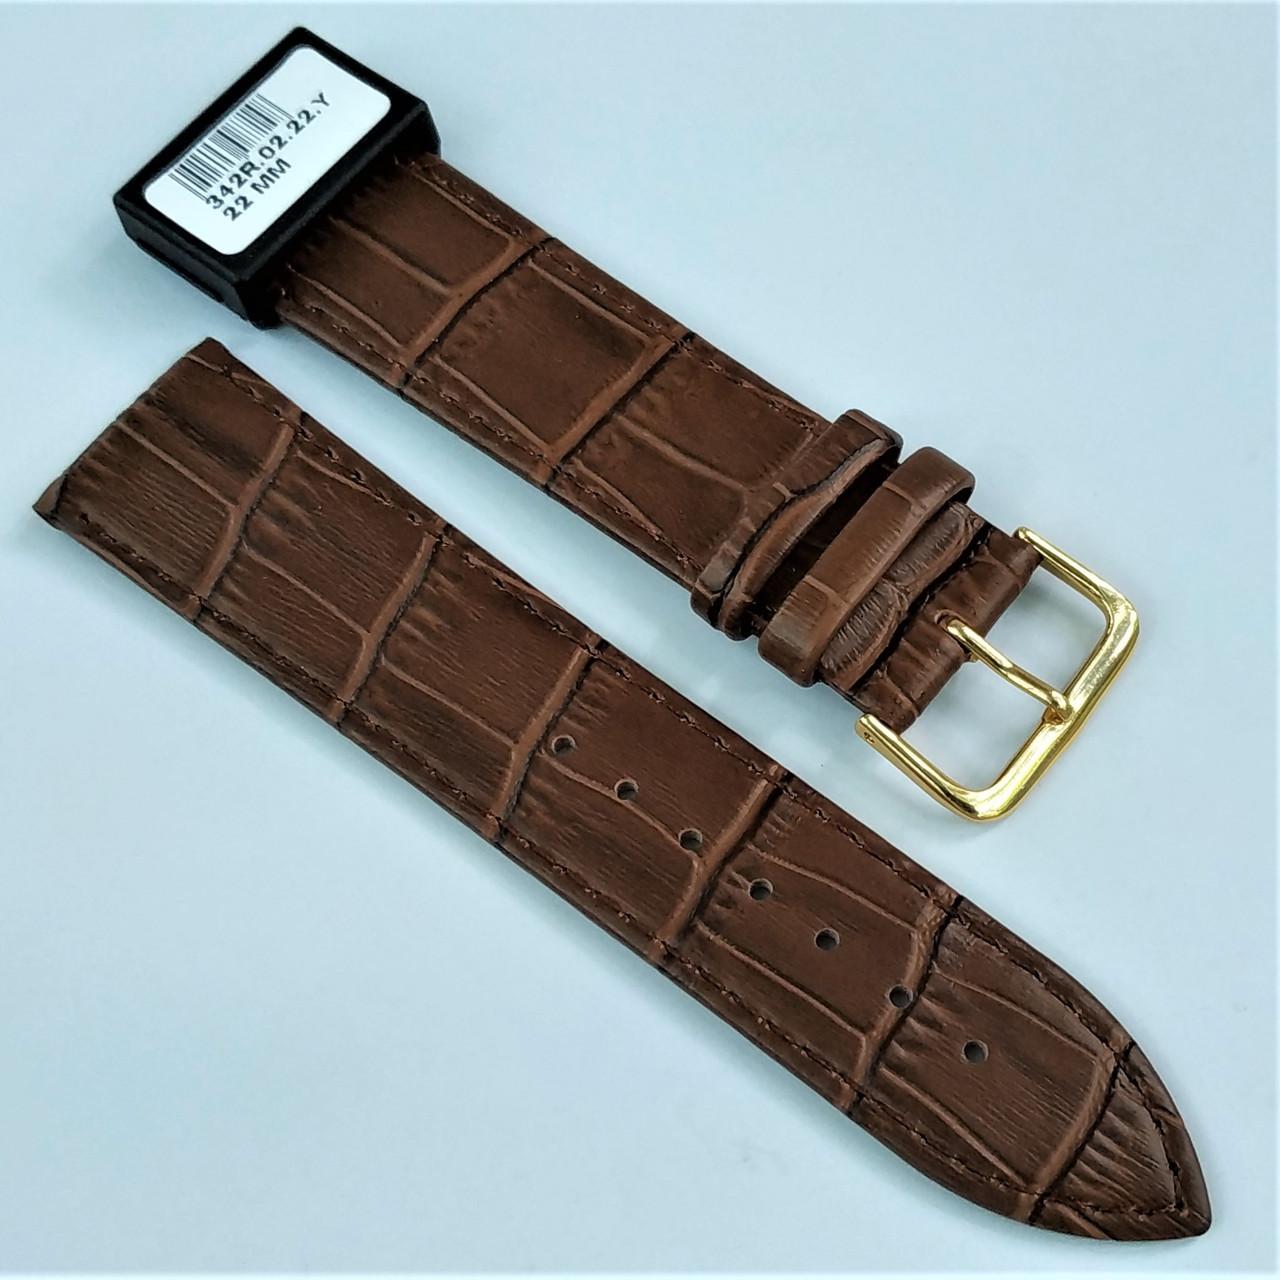 22 мм Кожаный Ремешок для часов CONDOR 342.22.02 Коричневый Ремешок на часы из Натуральной кожи